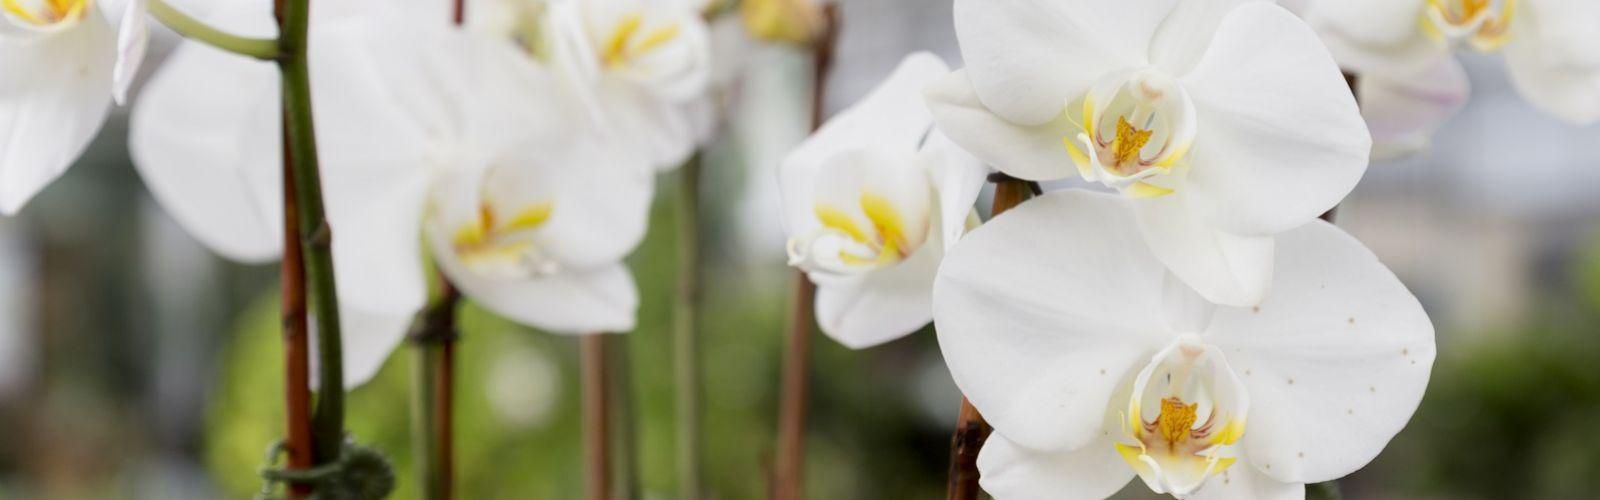 Blooming white phalaenopsis flower